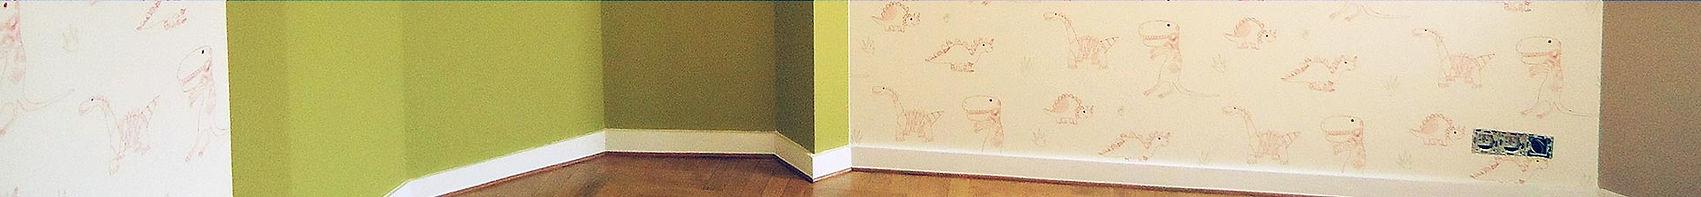 Revetement mural décoratif appartement